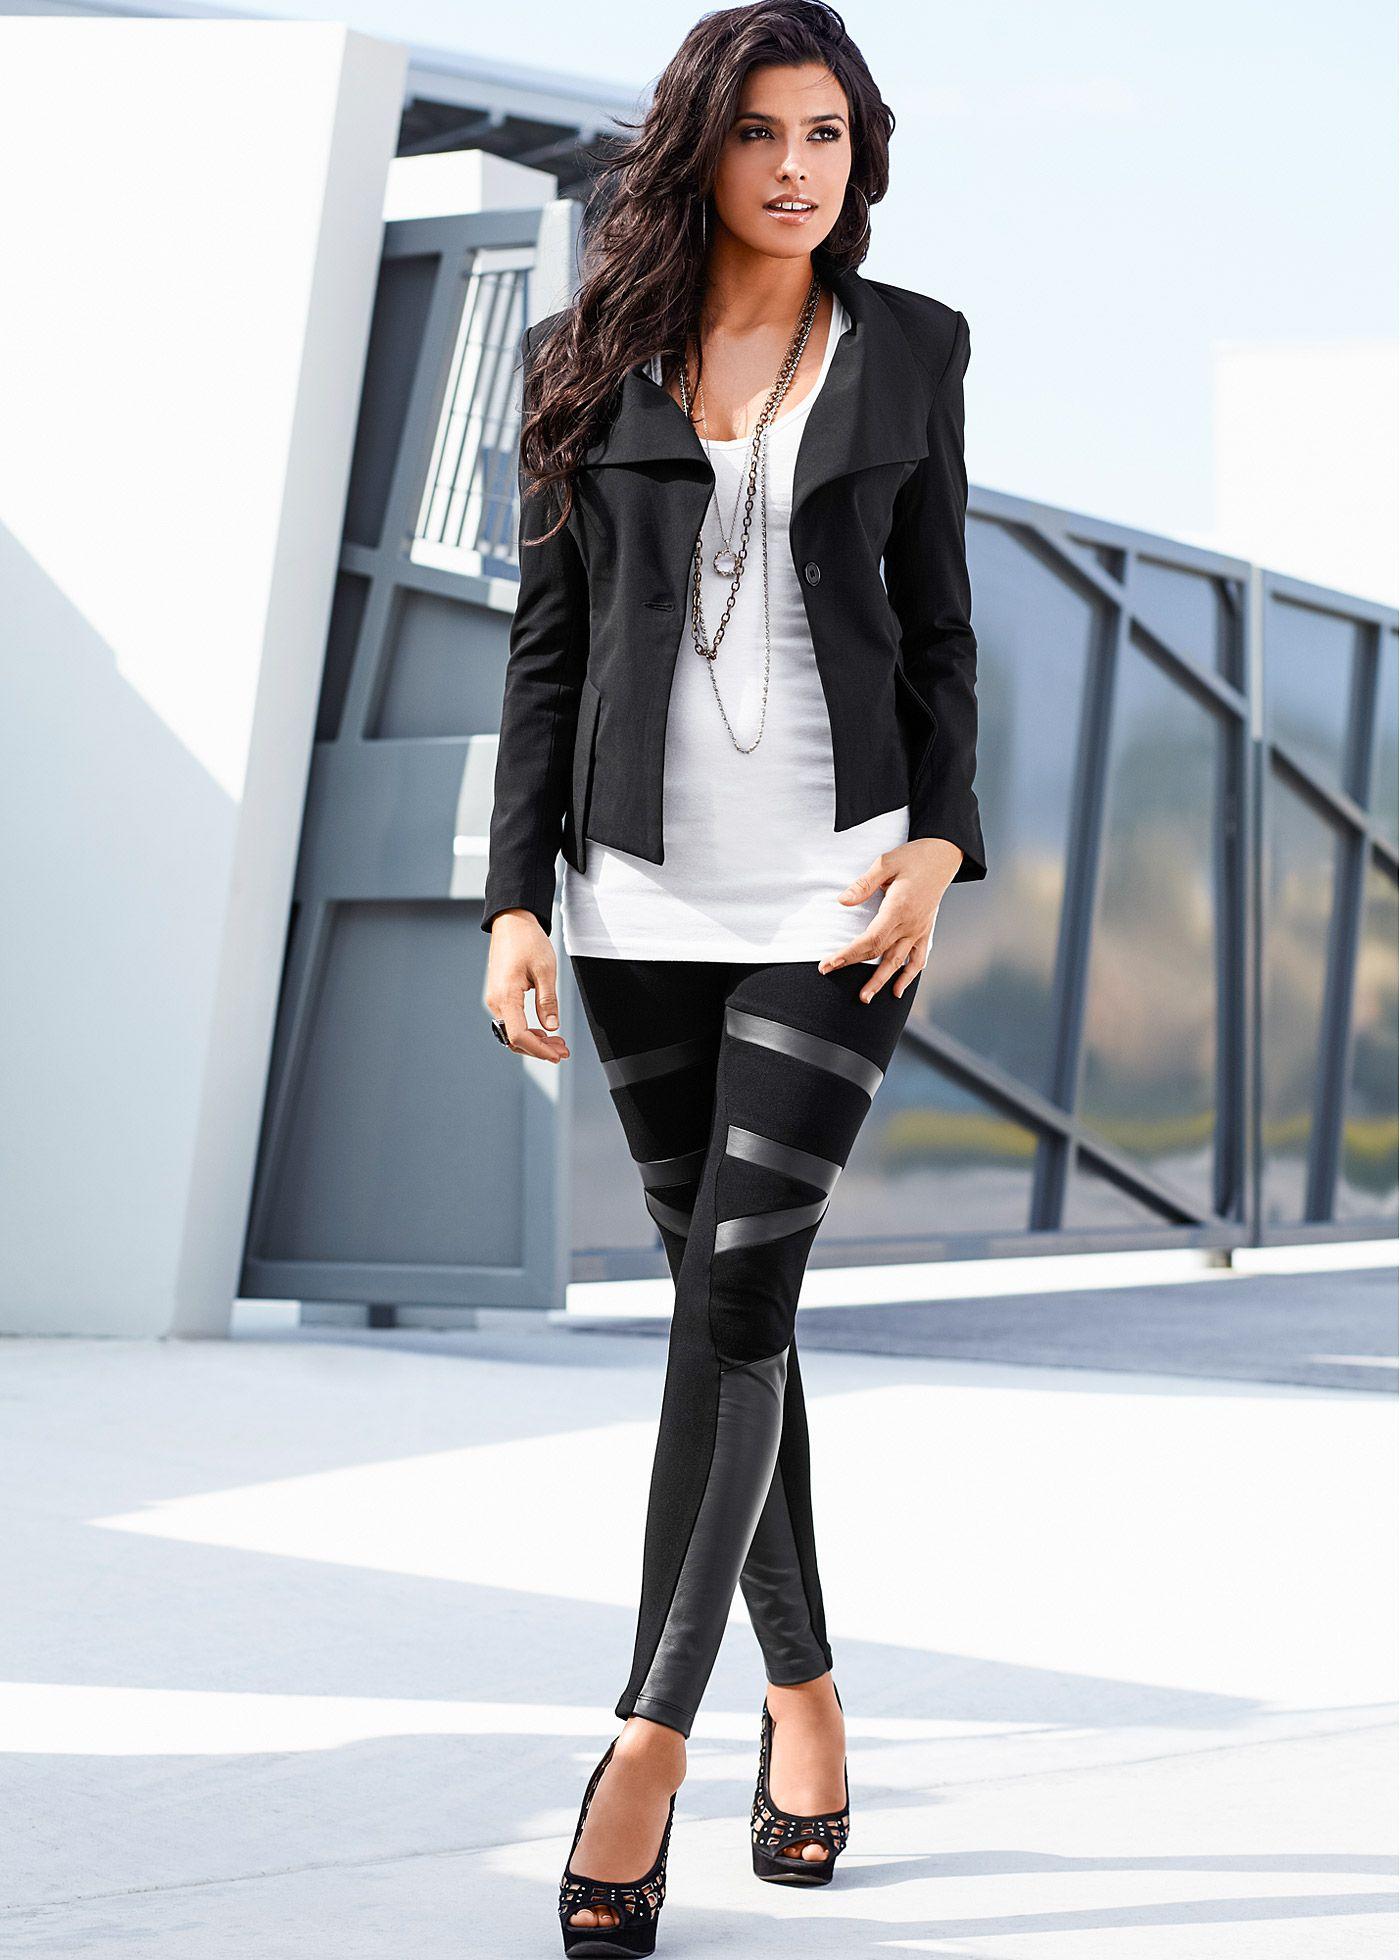 a2f1a0201 Calça legging com recorte em couro preto encomendar agora na loja on-line  bonprix.de R$ 79,90 a partir de Elas são sucesso absoluto na Europa, e  chegaram .